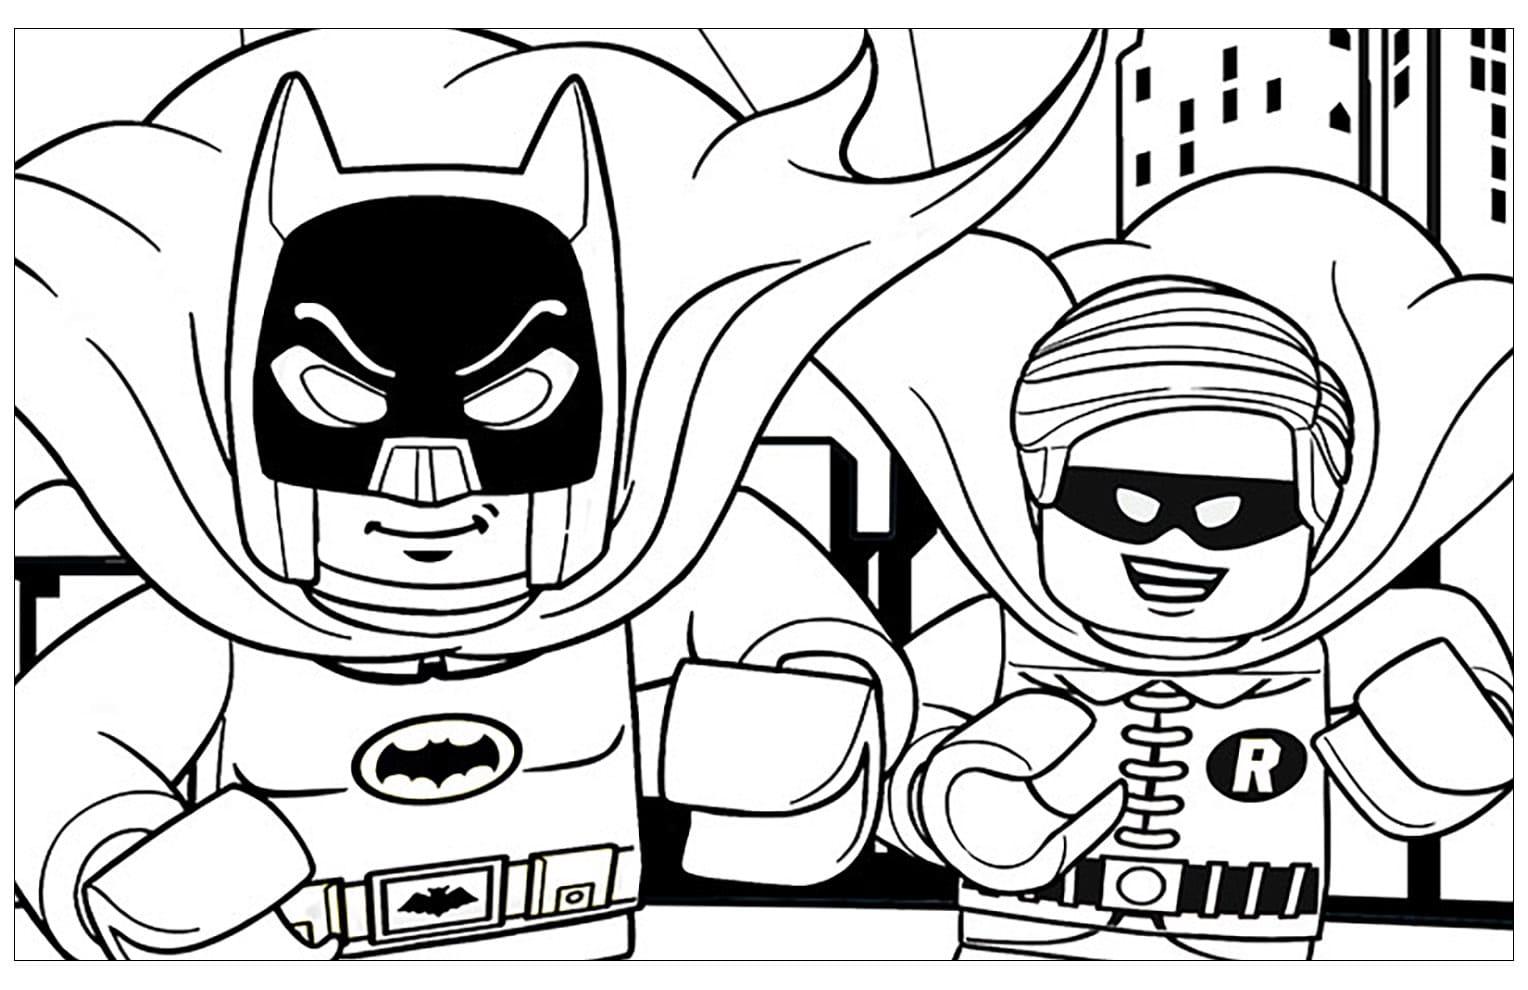 Lego Ausmalbilder. Kostenlos Herunterladen Oder Ausdrucken bei Lego Ausmalbilder Zum Drucken